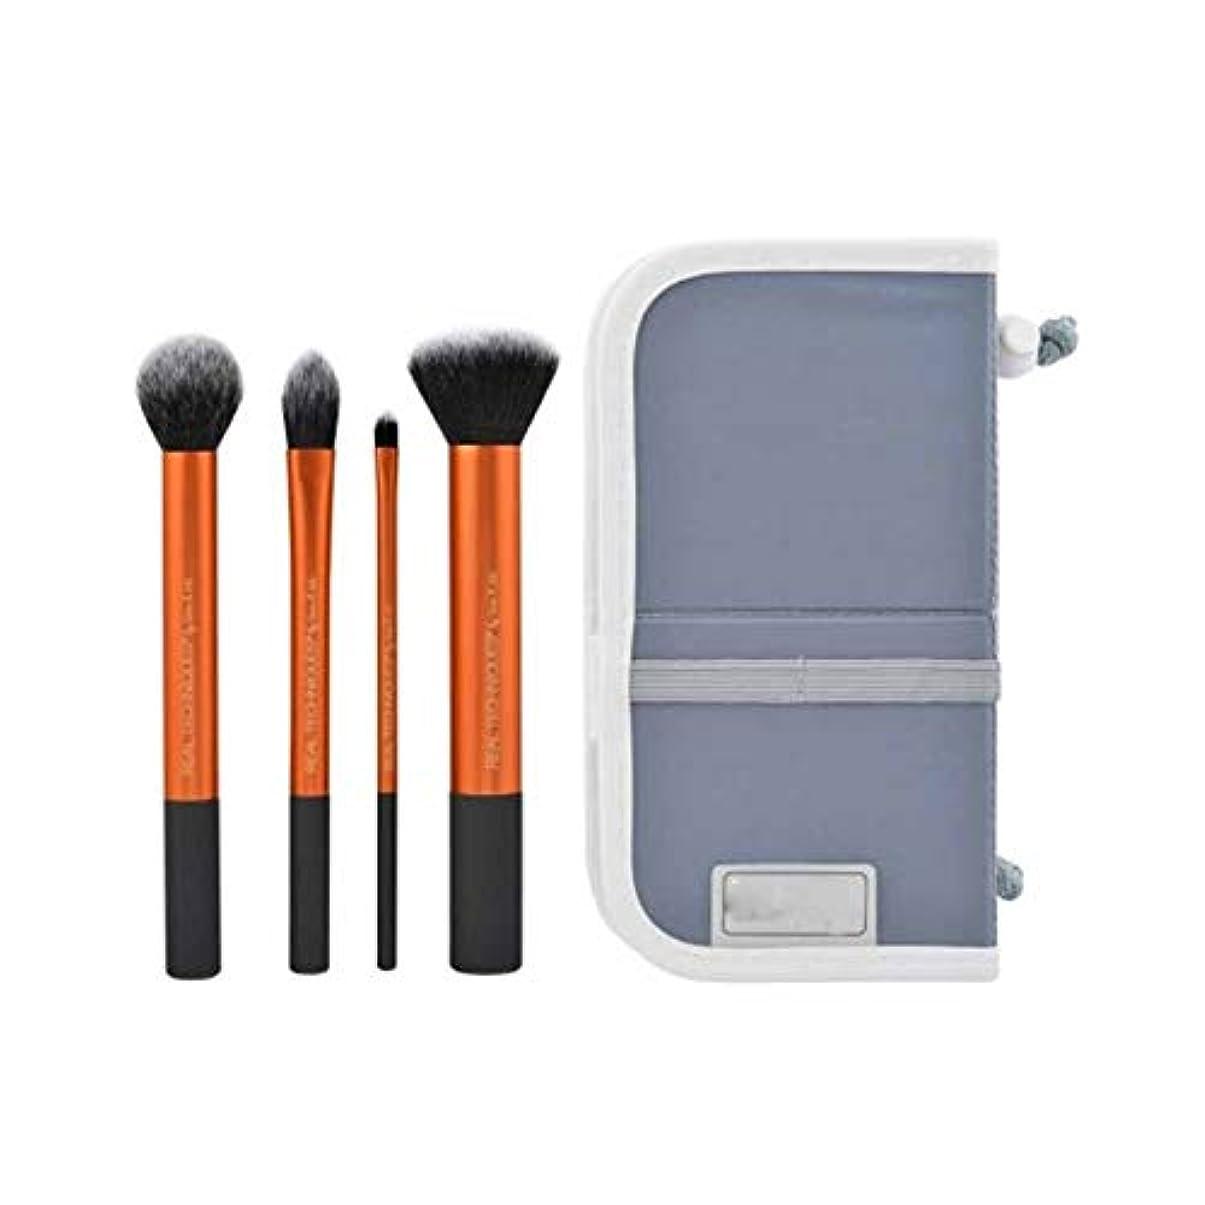 アクセシブルモザイク寝室を掃除するXIAOCHAOSD メイクブラシ、メイクメイクブラシセット、輪郭ブラシリップブラシ、散布ブラシ、チークブラシ、4点セット、簡単に運ぶために (Color : Orange)